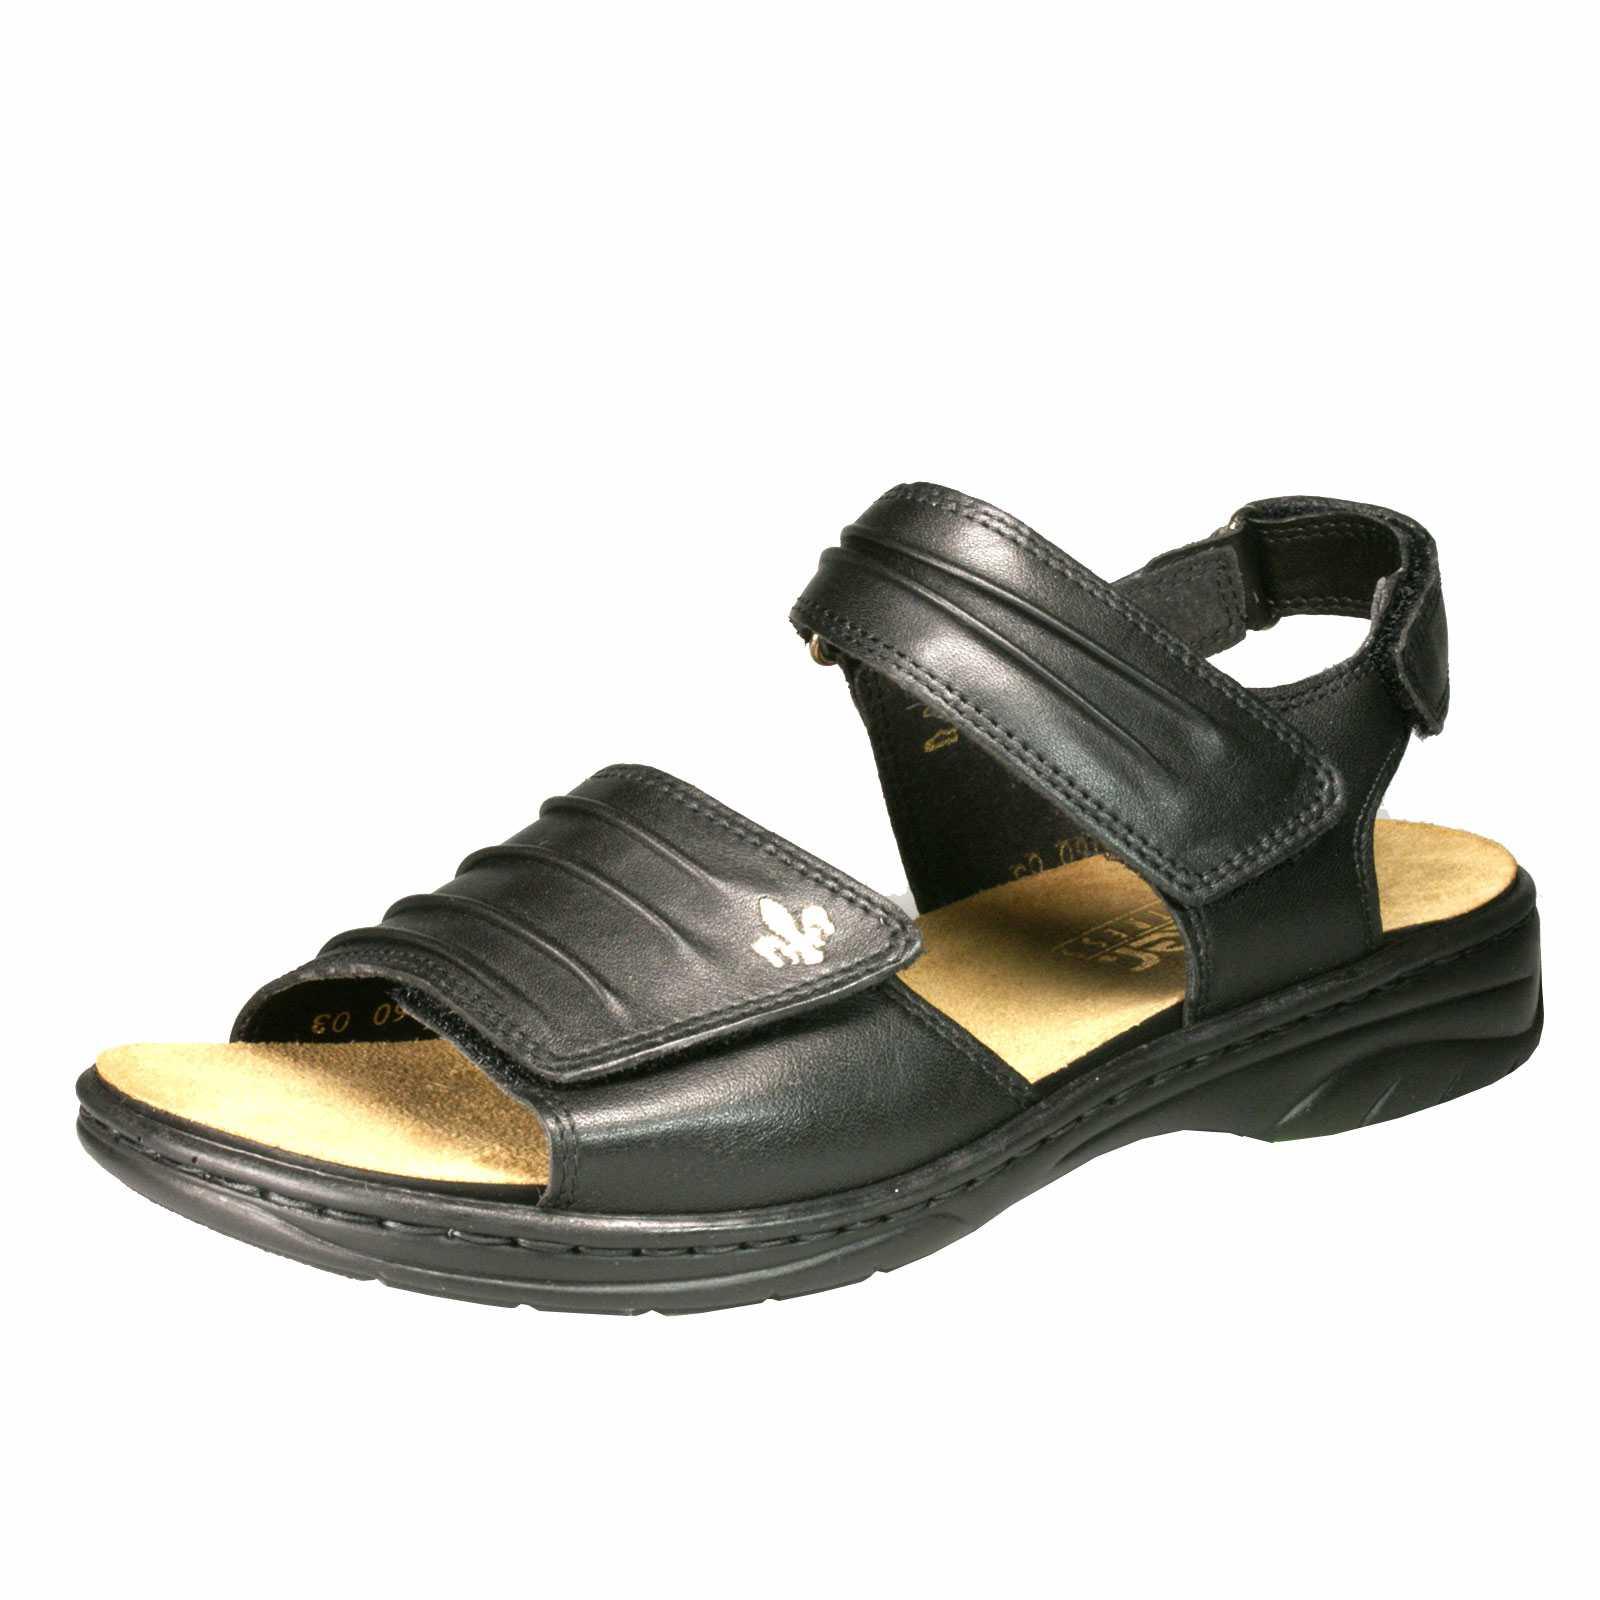 Damen Sandale schwarz - 64560-01